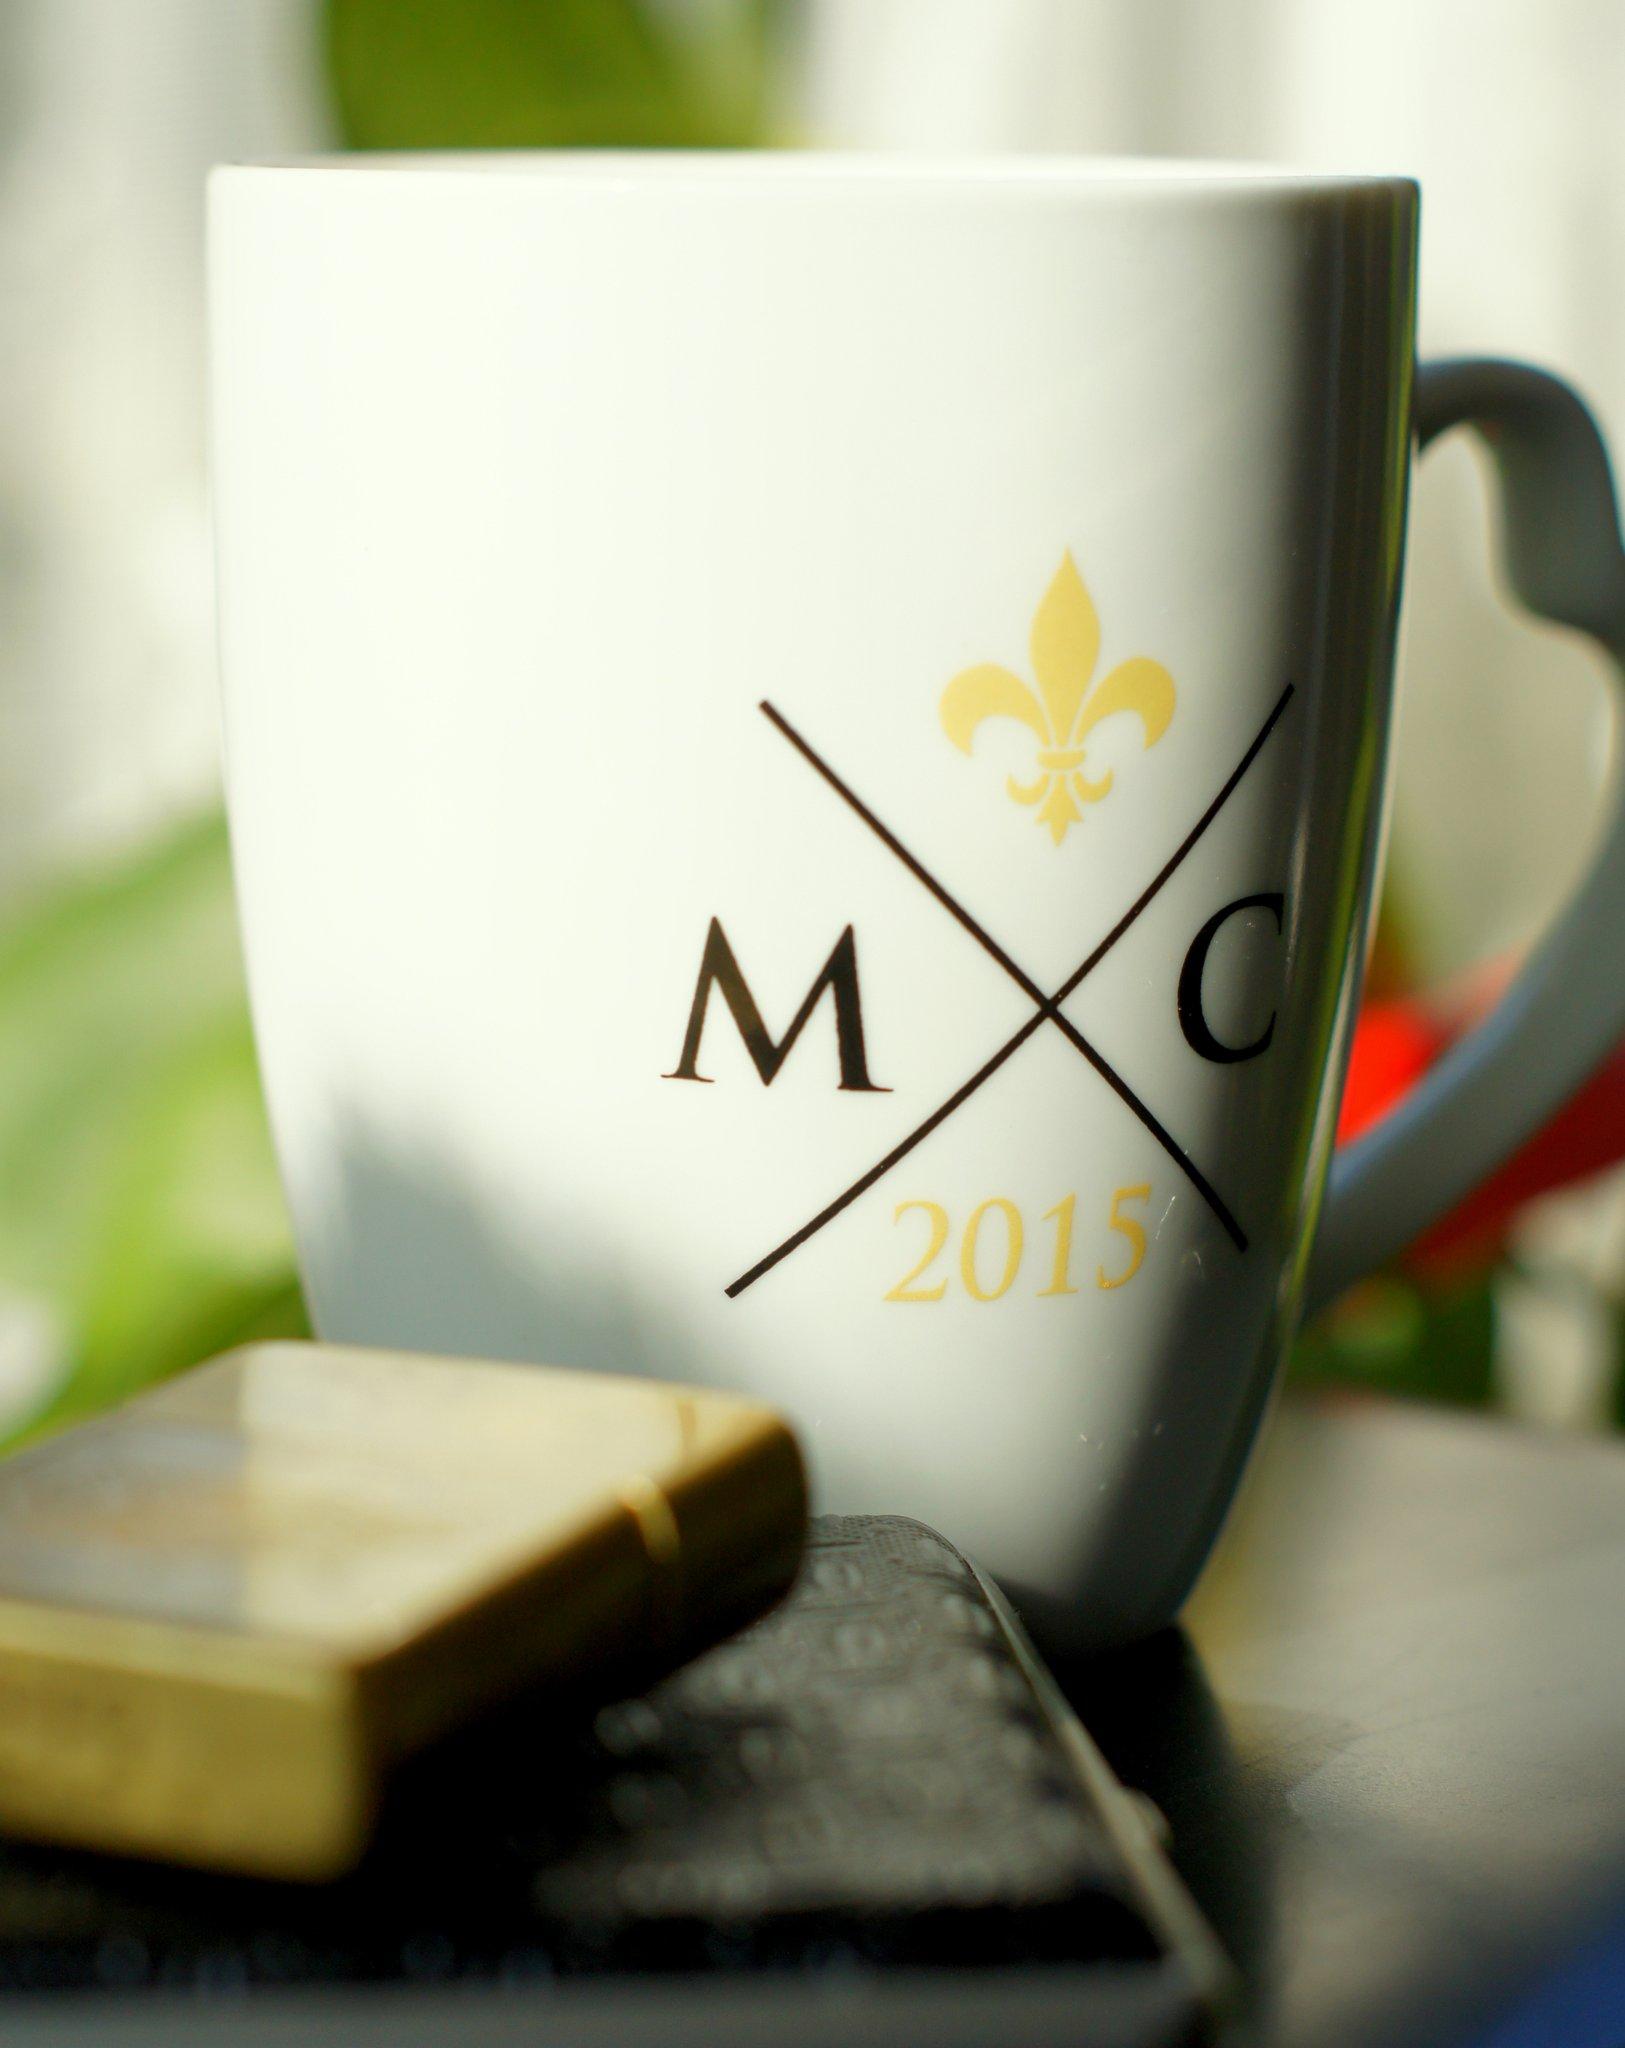 прясно изпечено кафе монтекристо